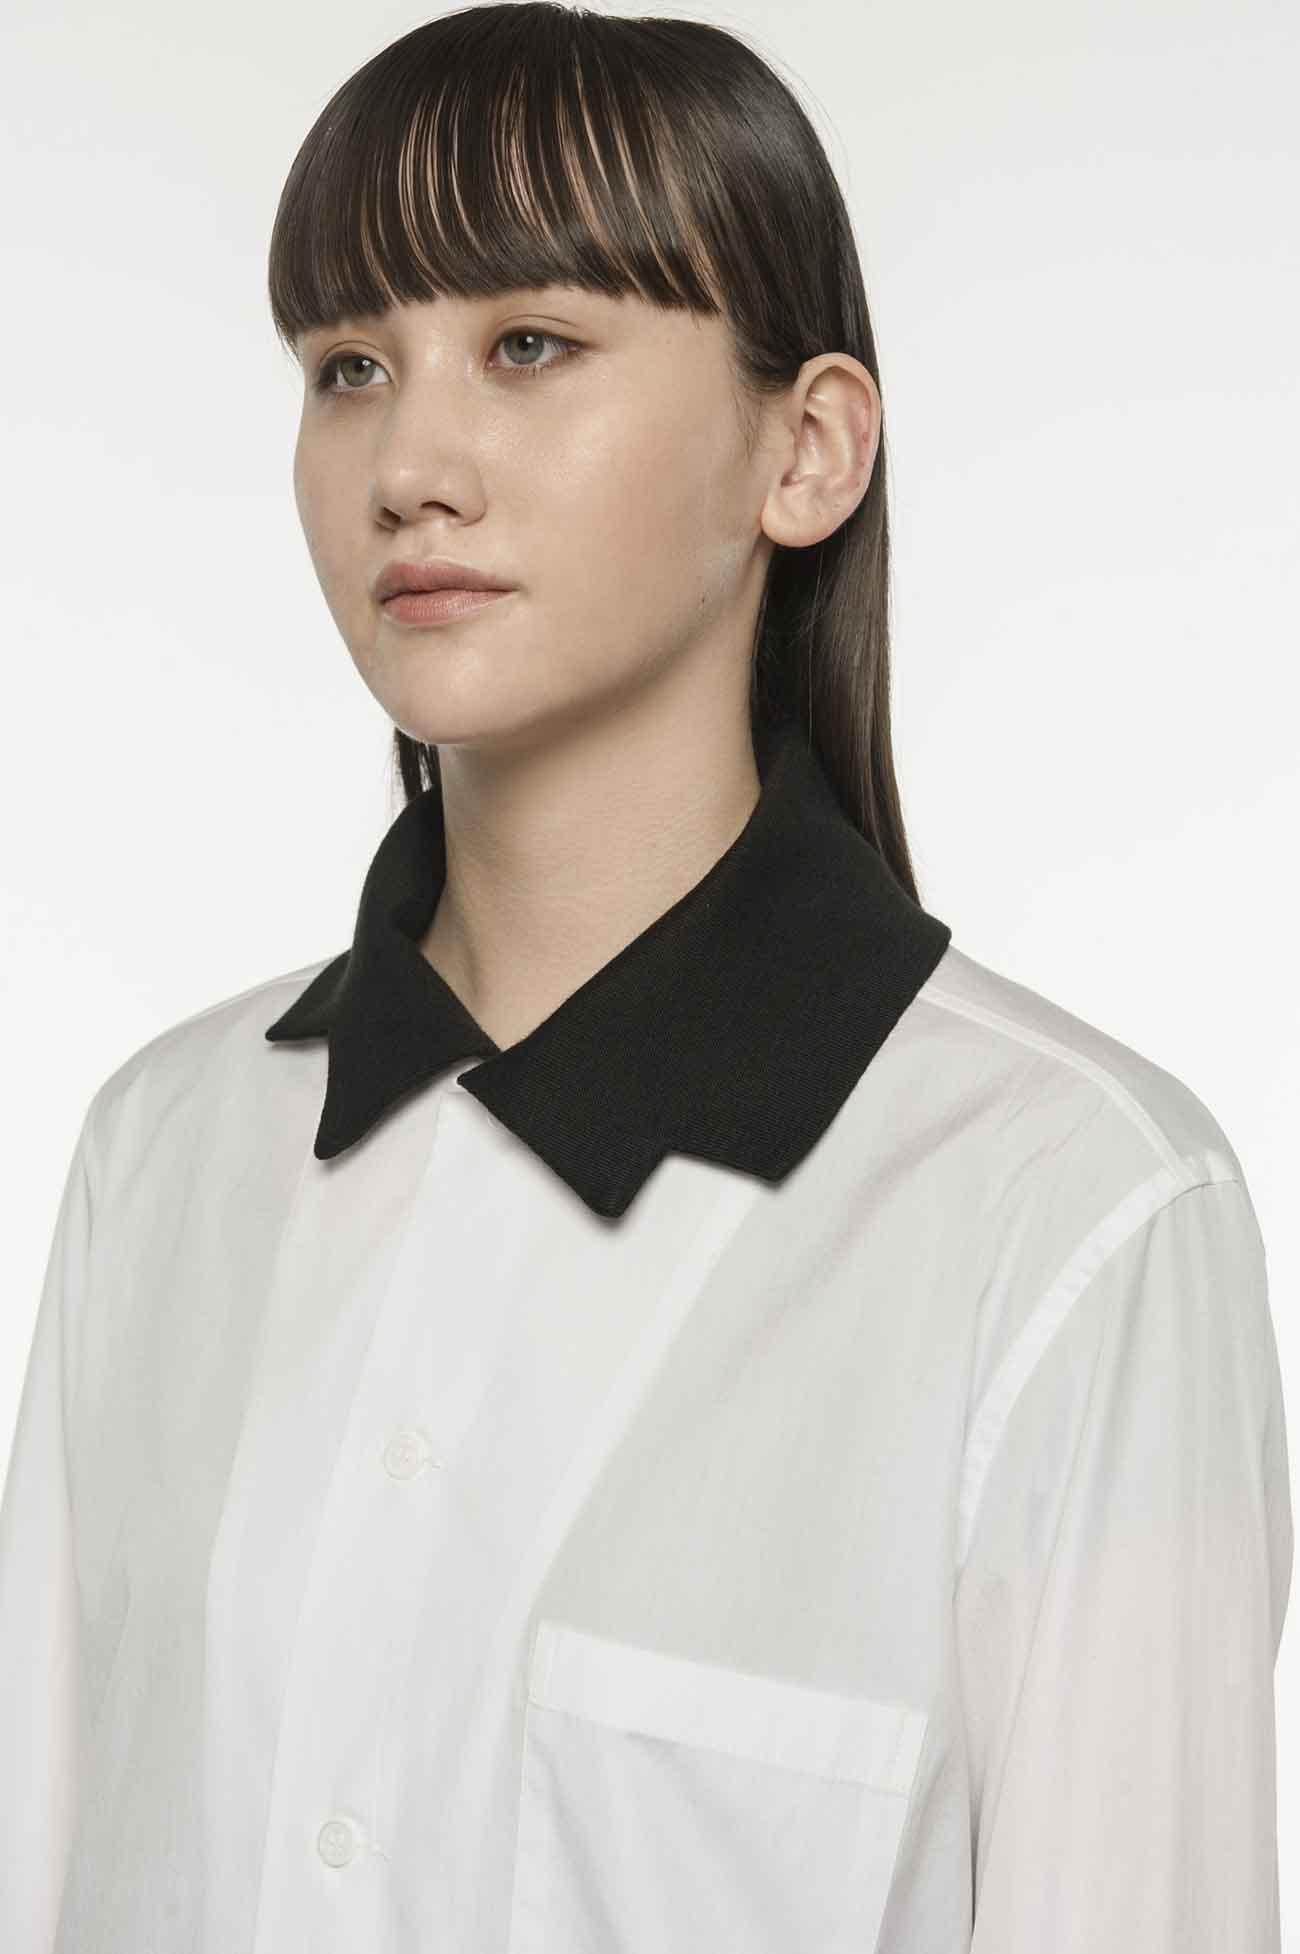 变化领口衬衫